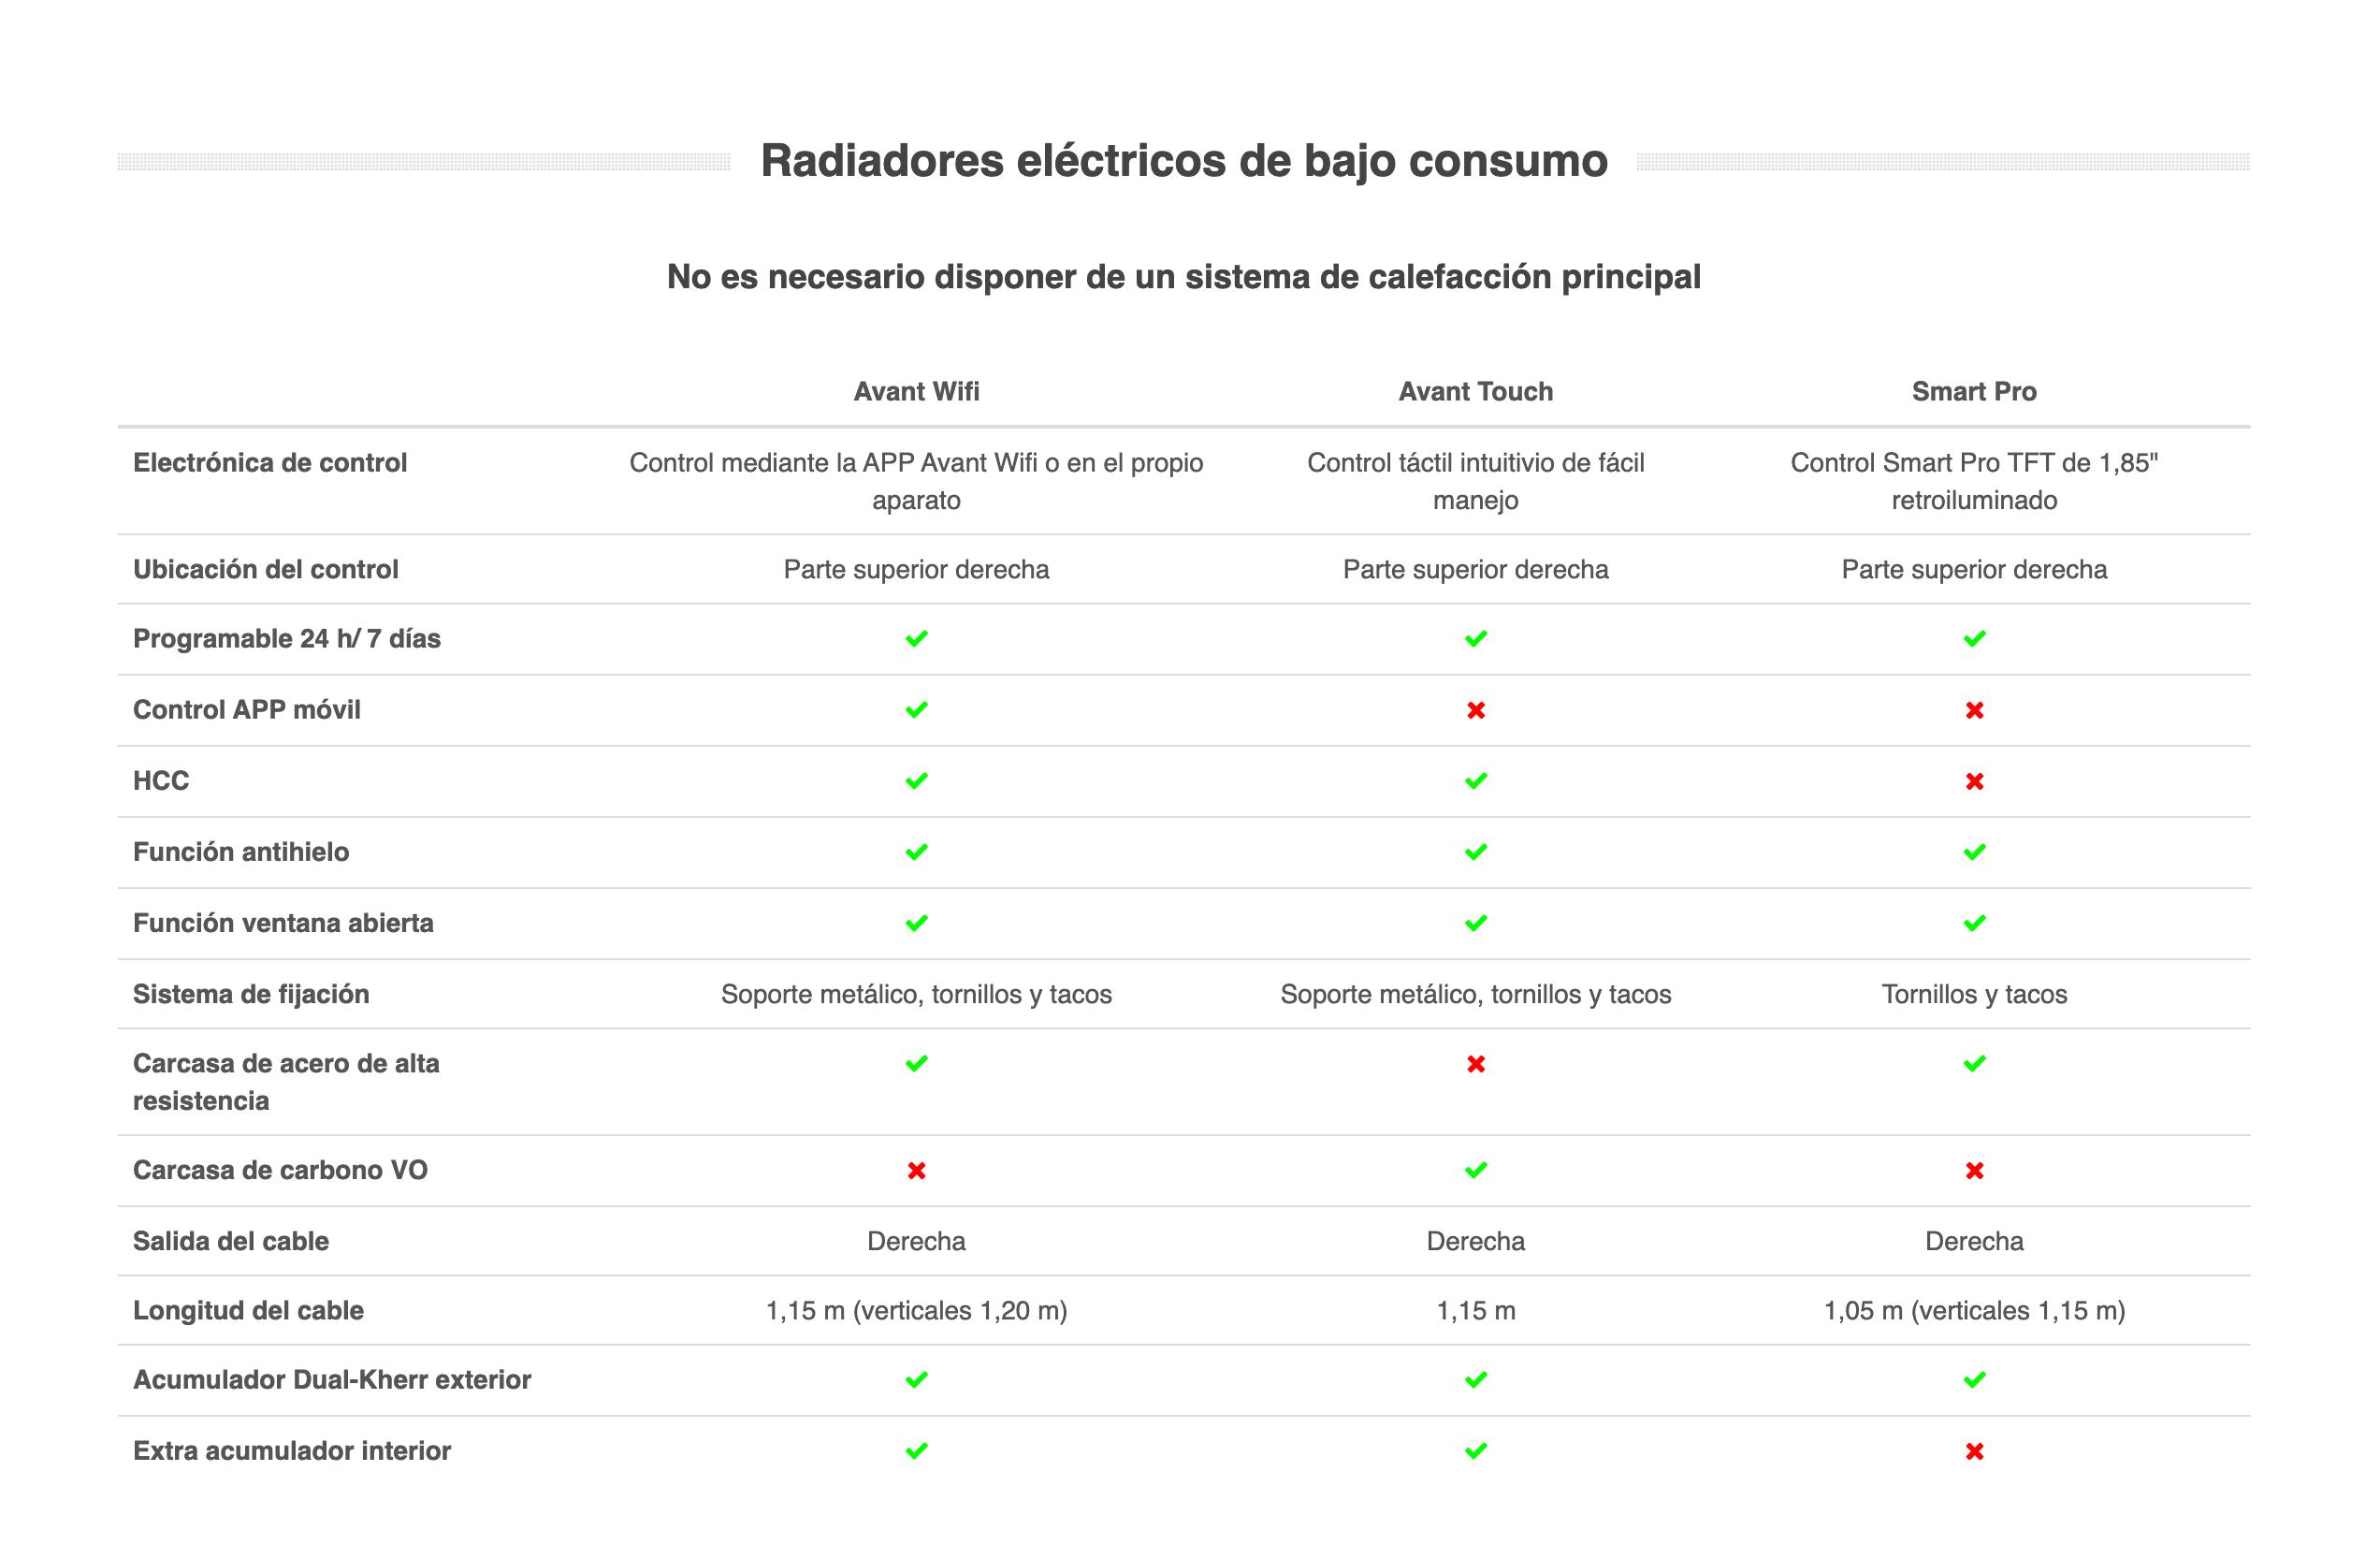 tabla comparativa de radiadores eléctricos Climastar